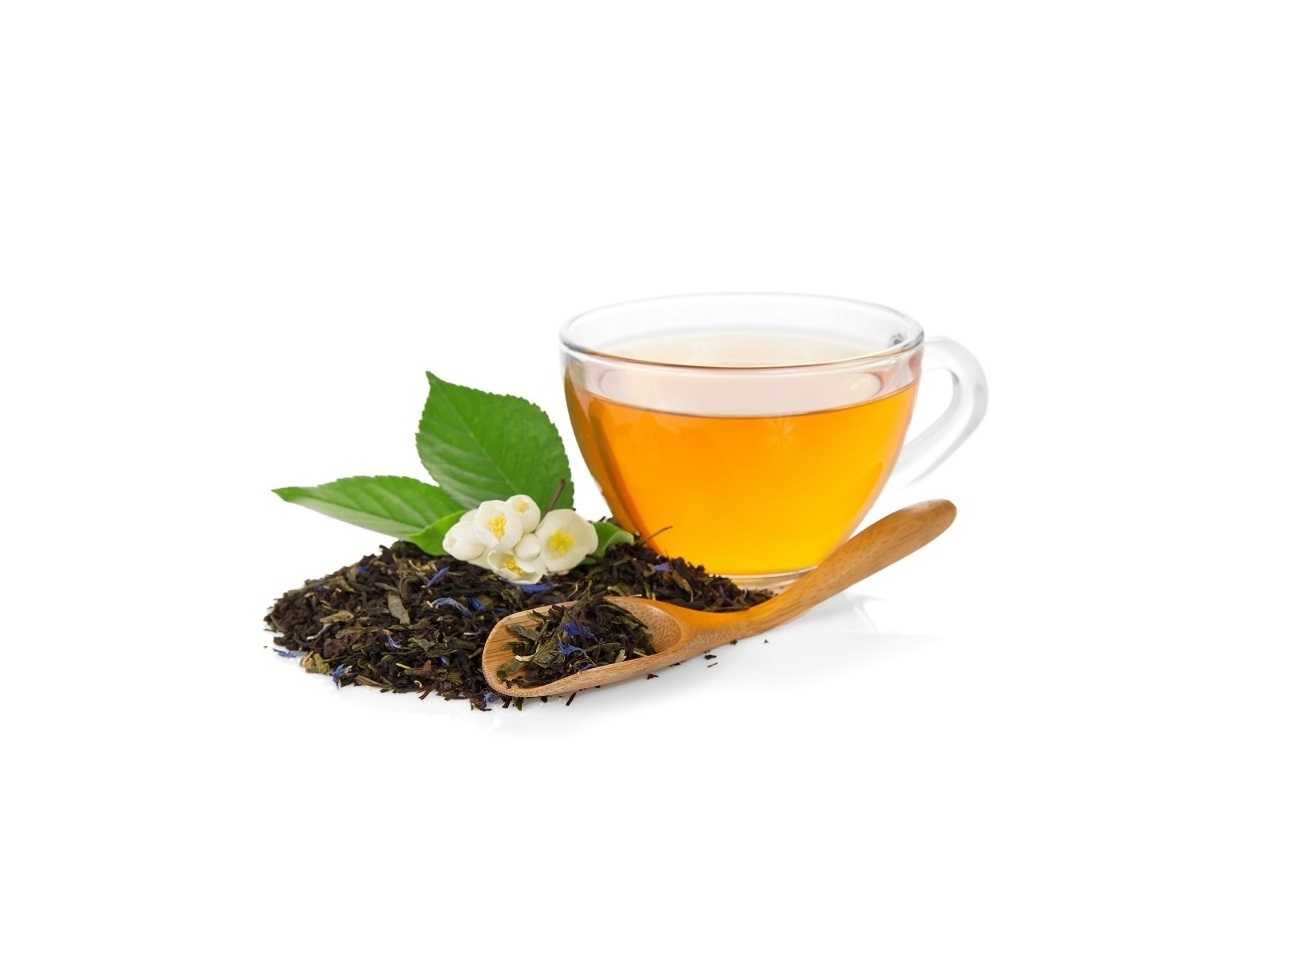 пурпурный чай синий горошек